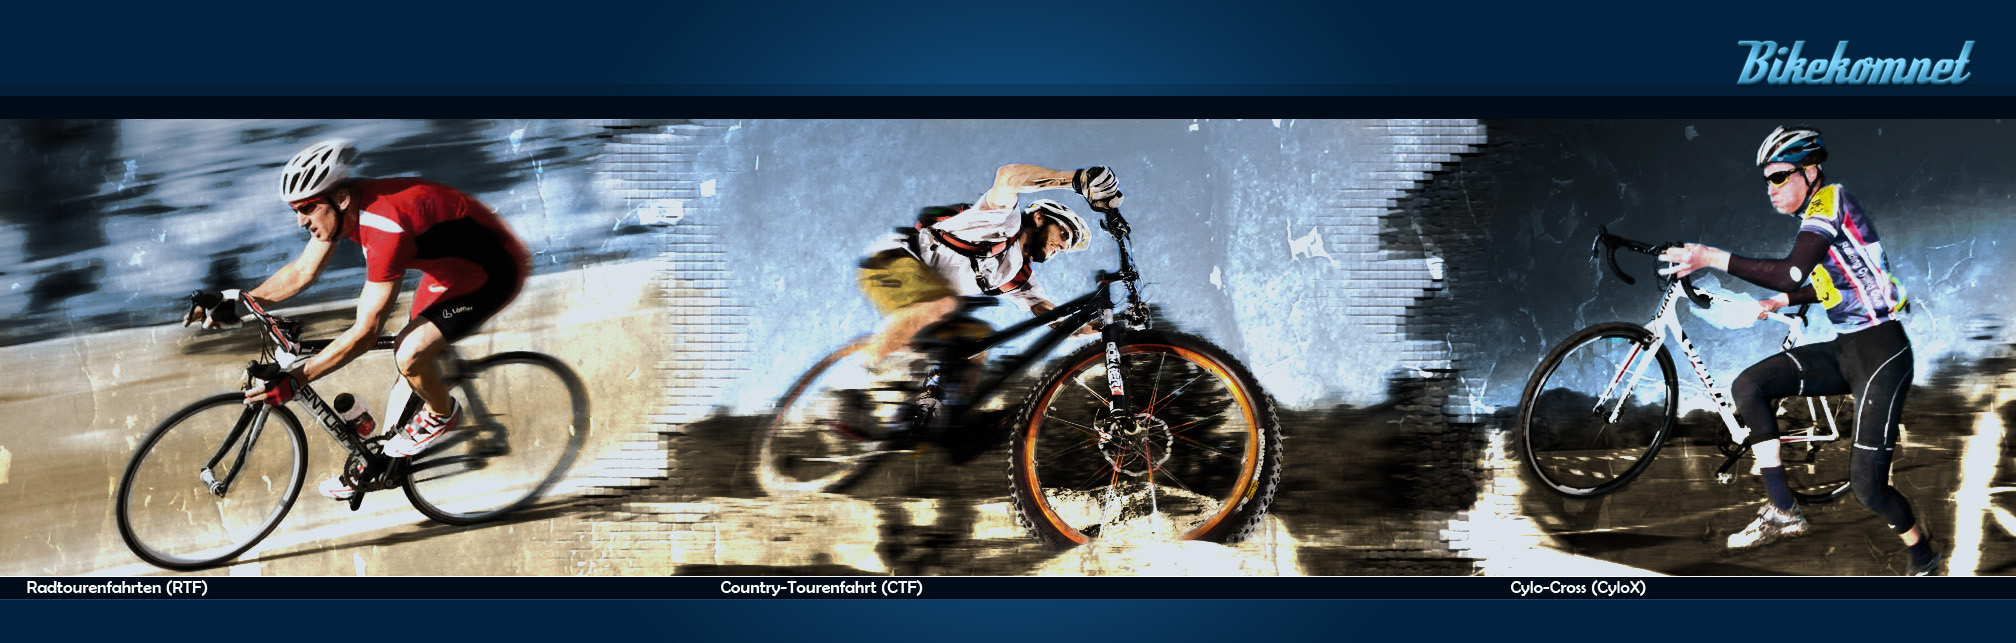 bikekomnet_bild